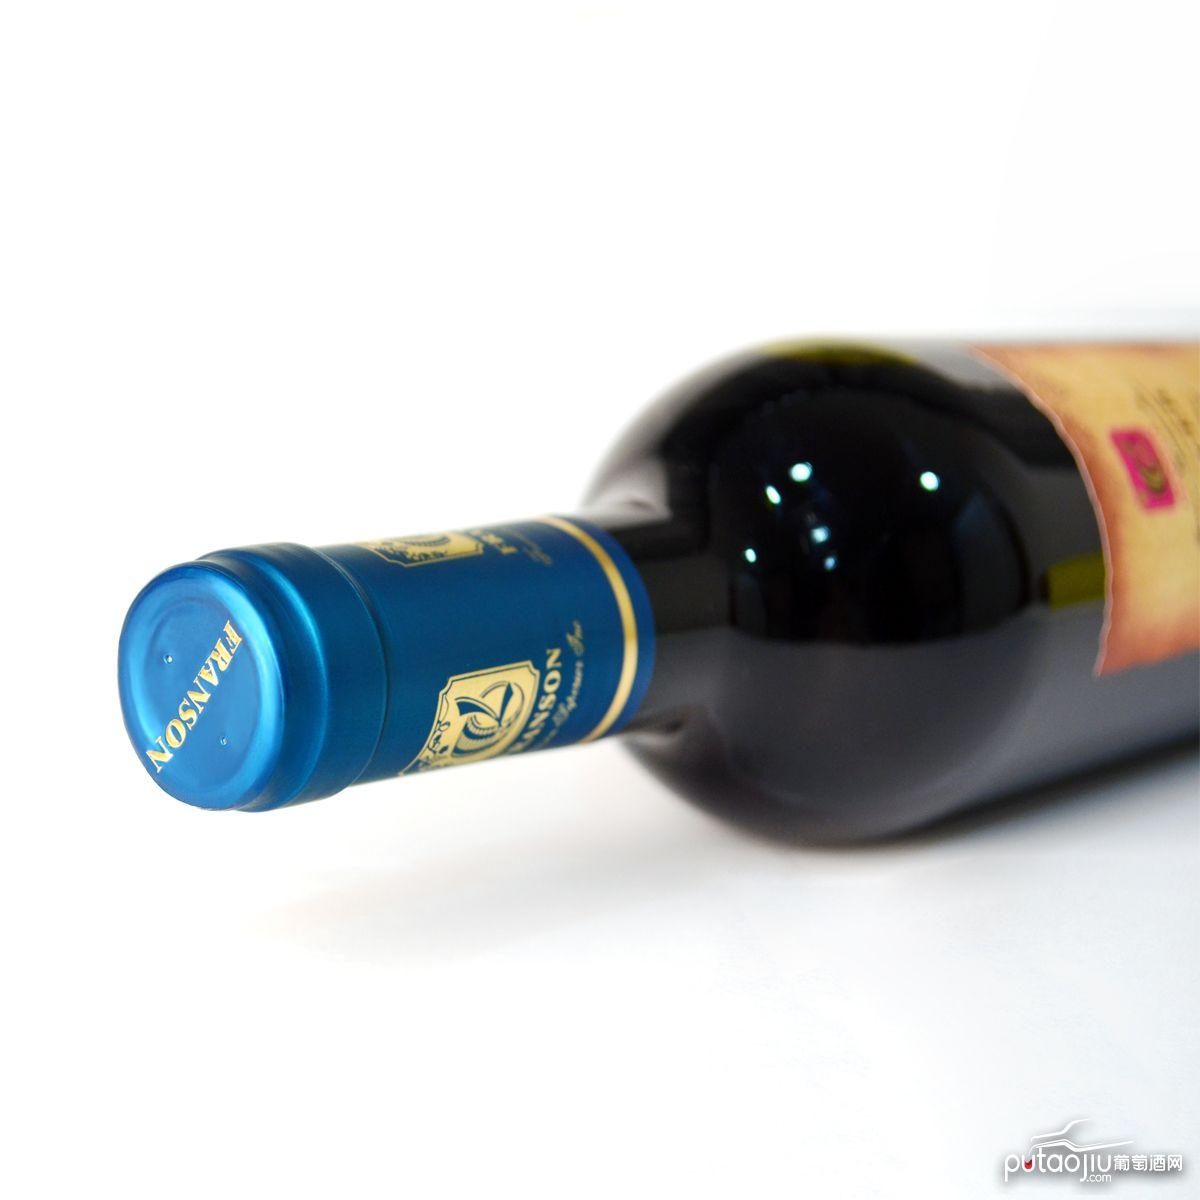 澳大利亚富瑶Old red earth星座系列西拉巨蟹座107干红葡萄酒